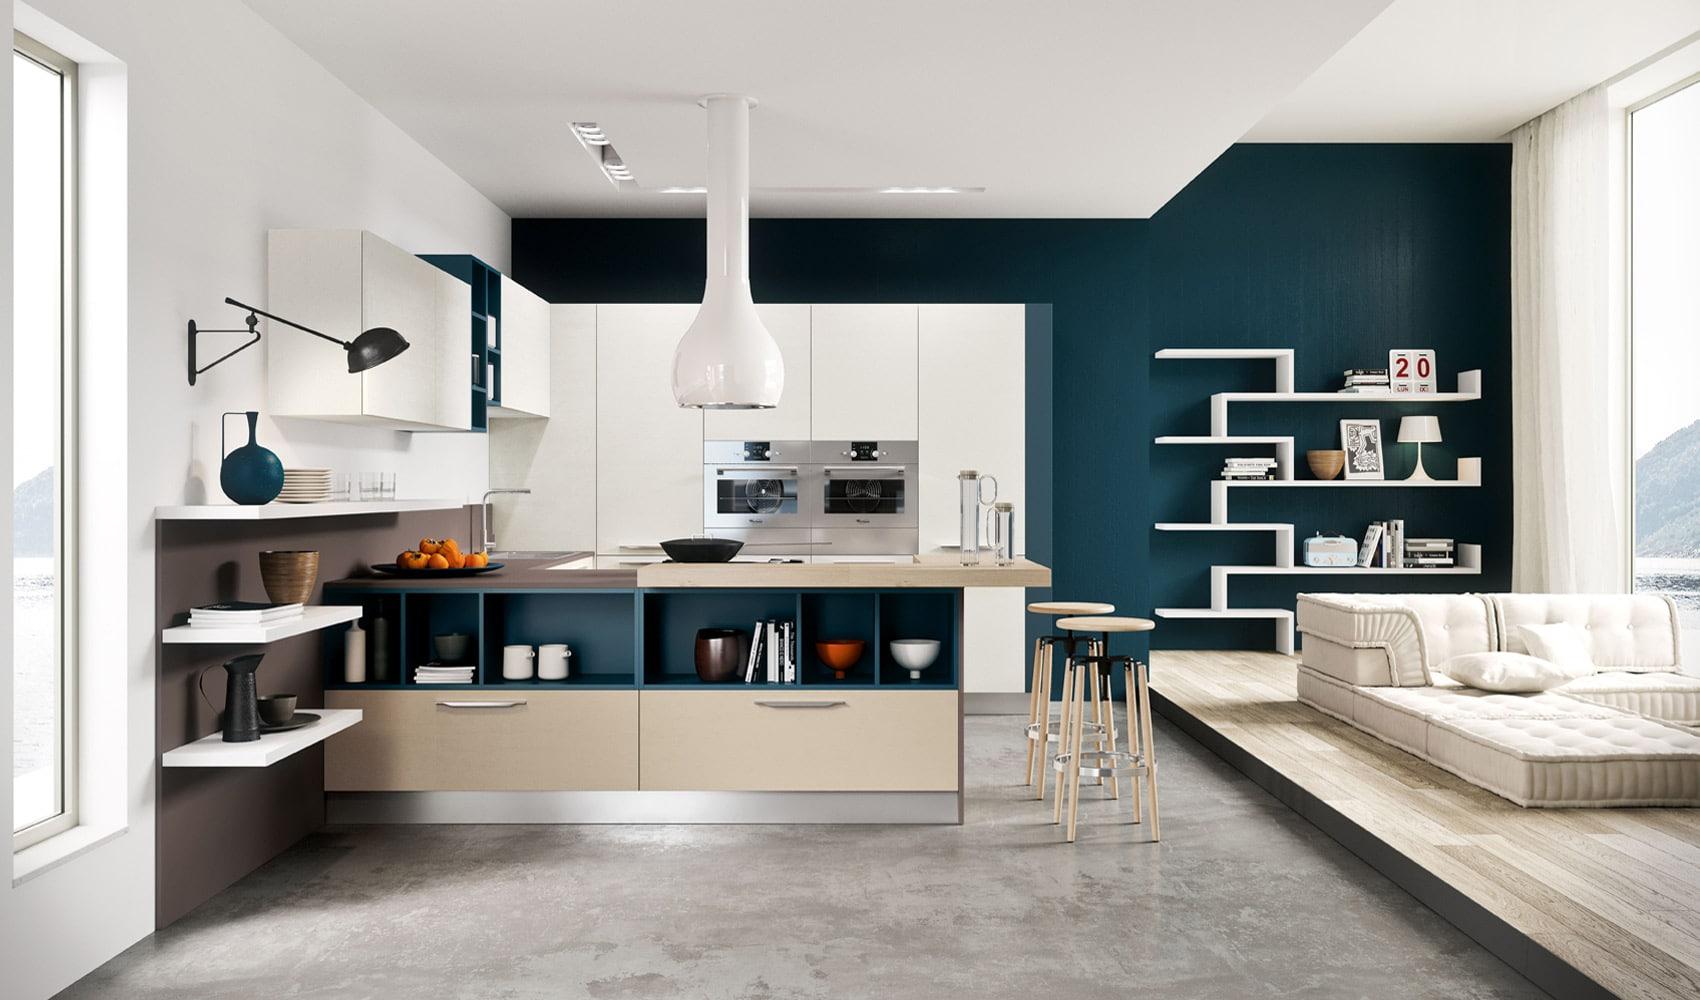 de lineas simples y en el color de fondo complementan el diseño #354F5A 1700 1000